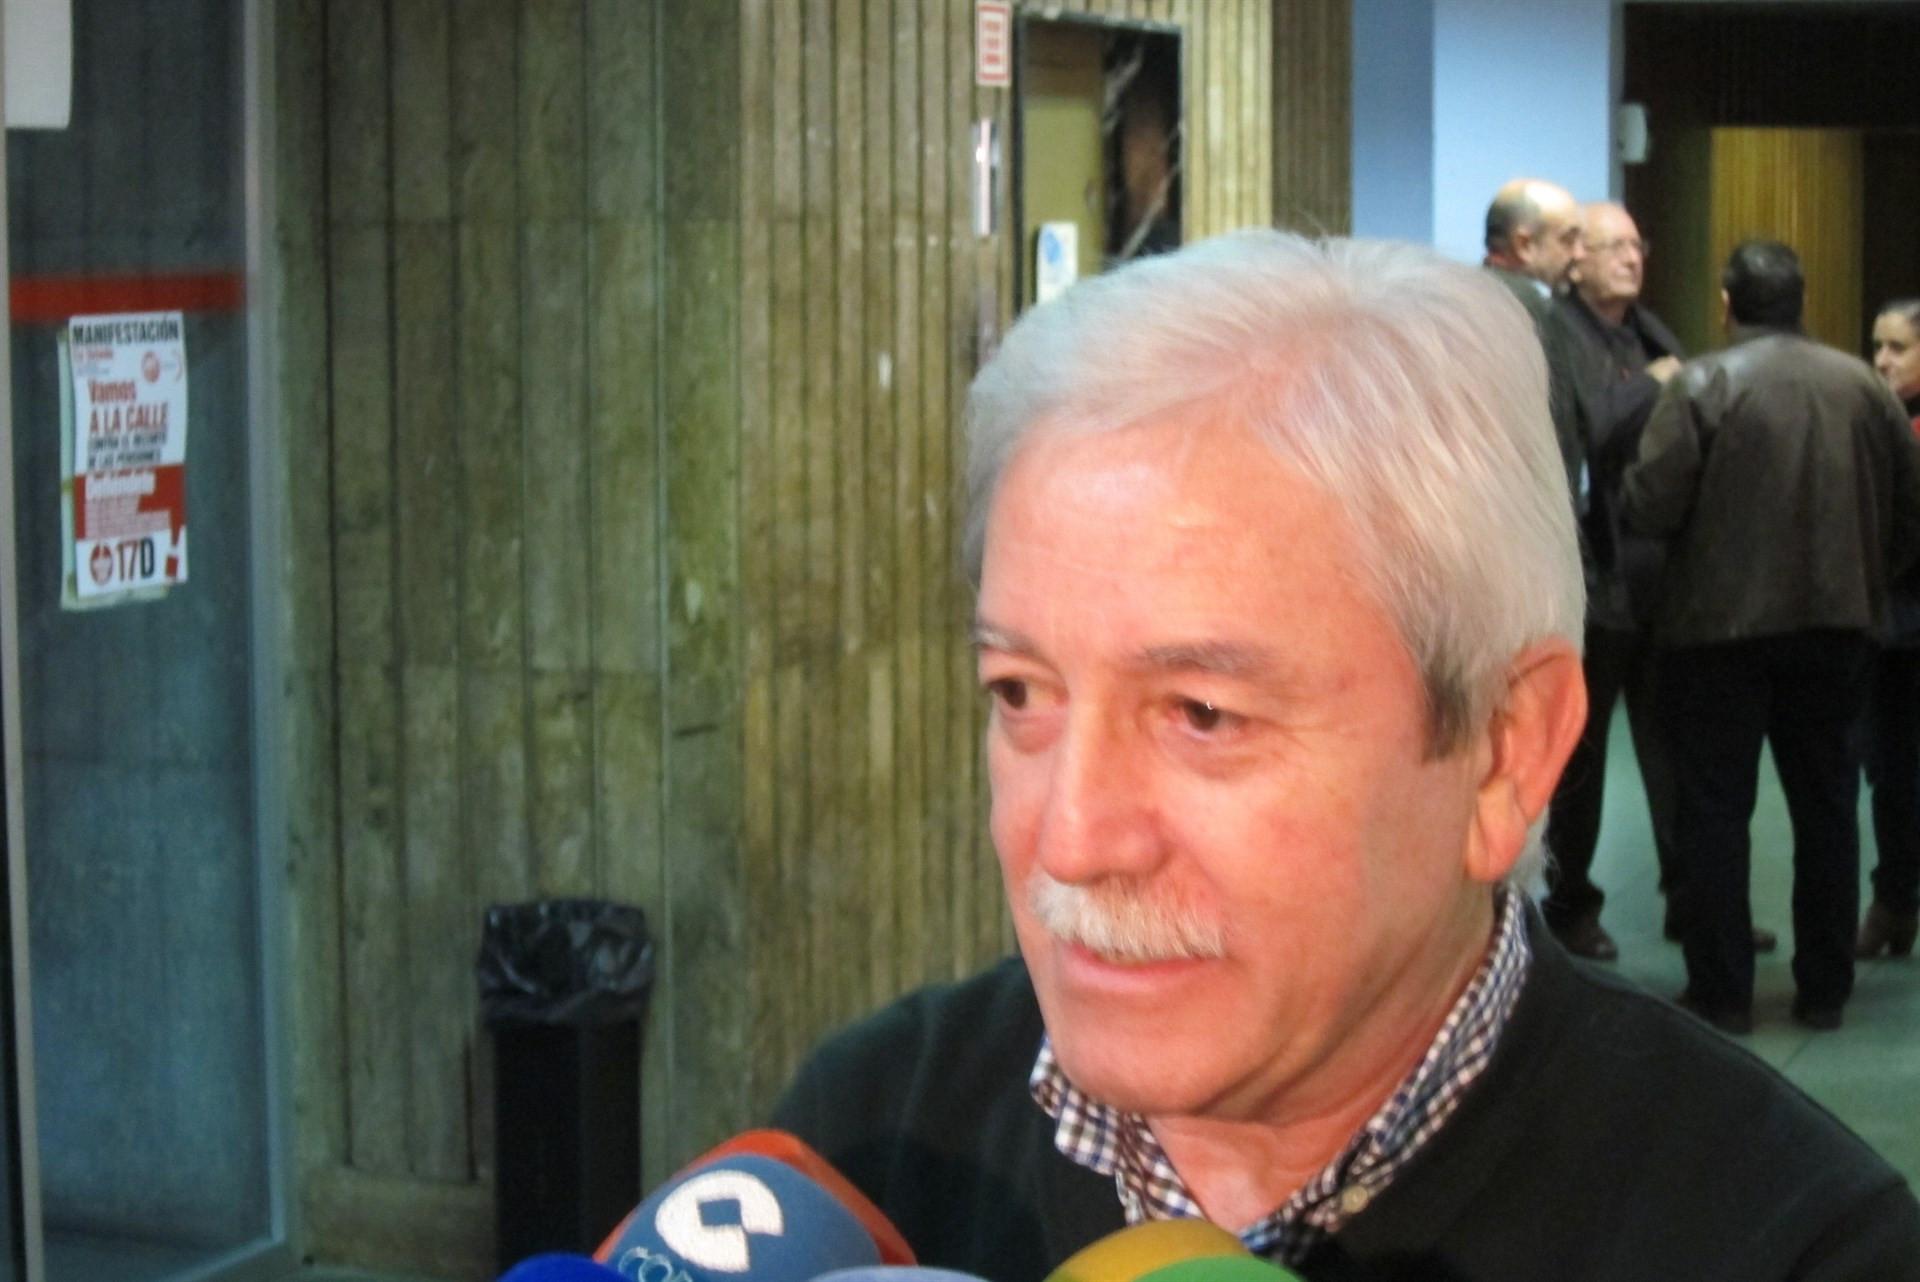 Justo Rodrguez Braga